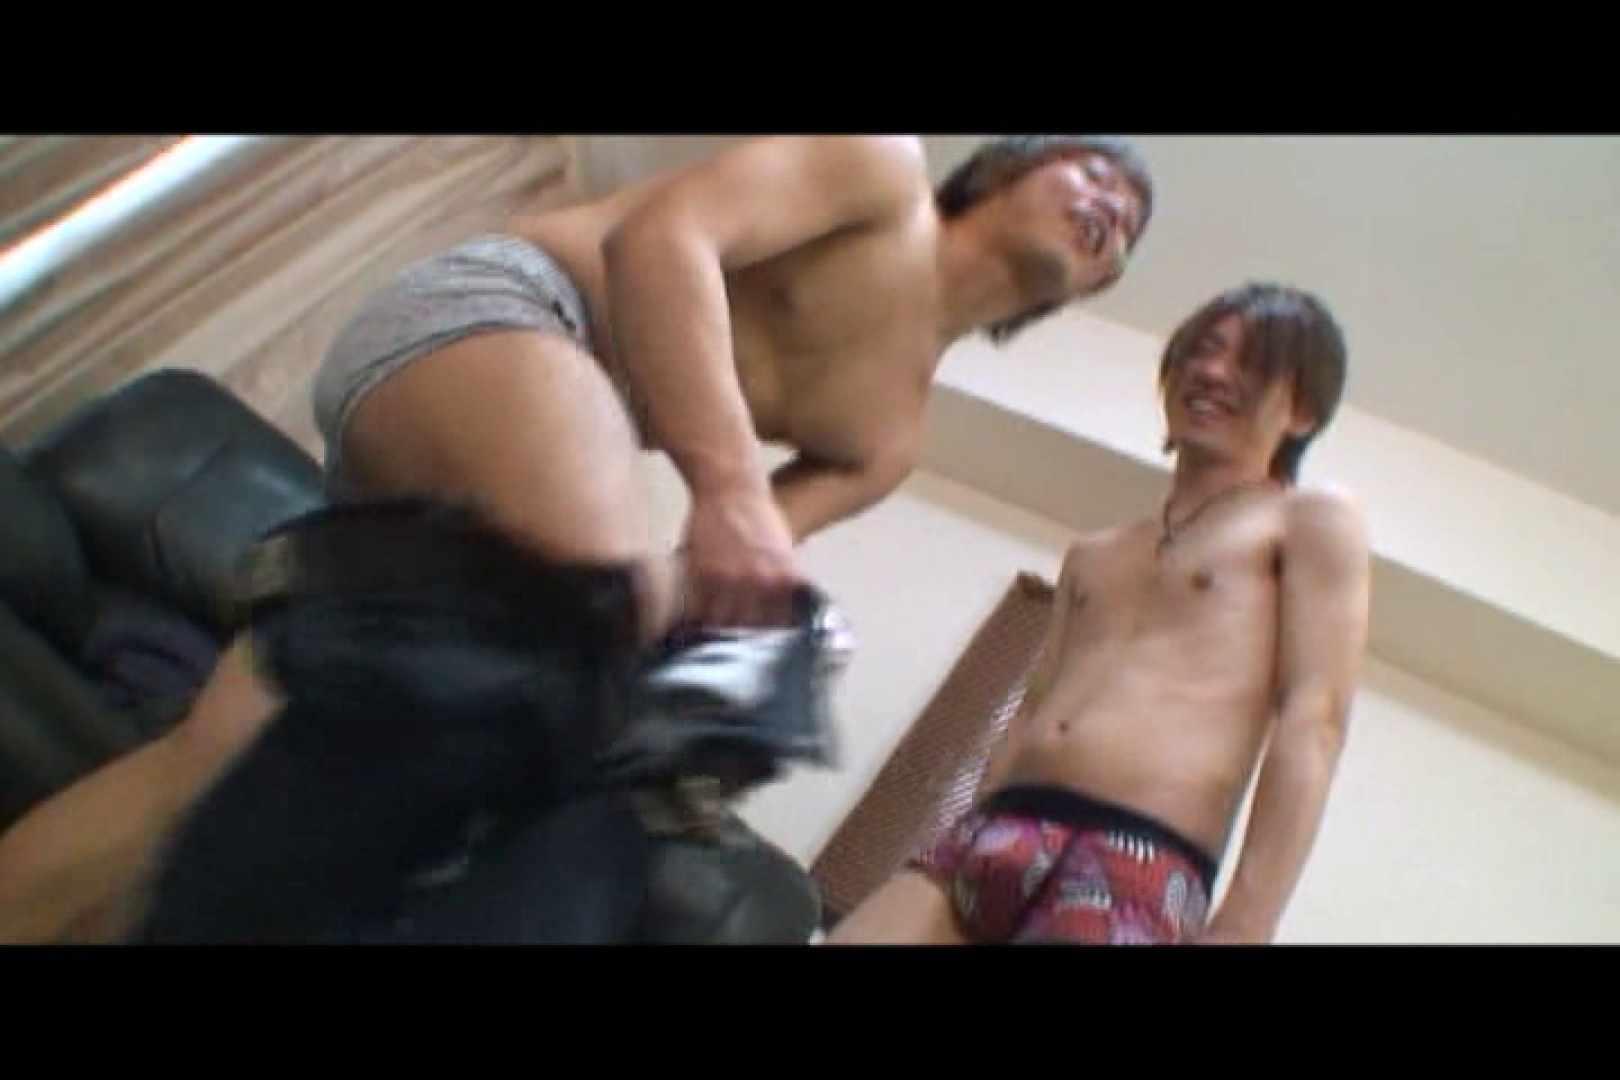 コンビネーションBoys!vol.01 イケメンズ ゲイエロビデオ画像 90枚 63